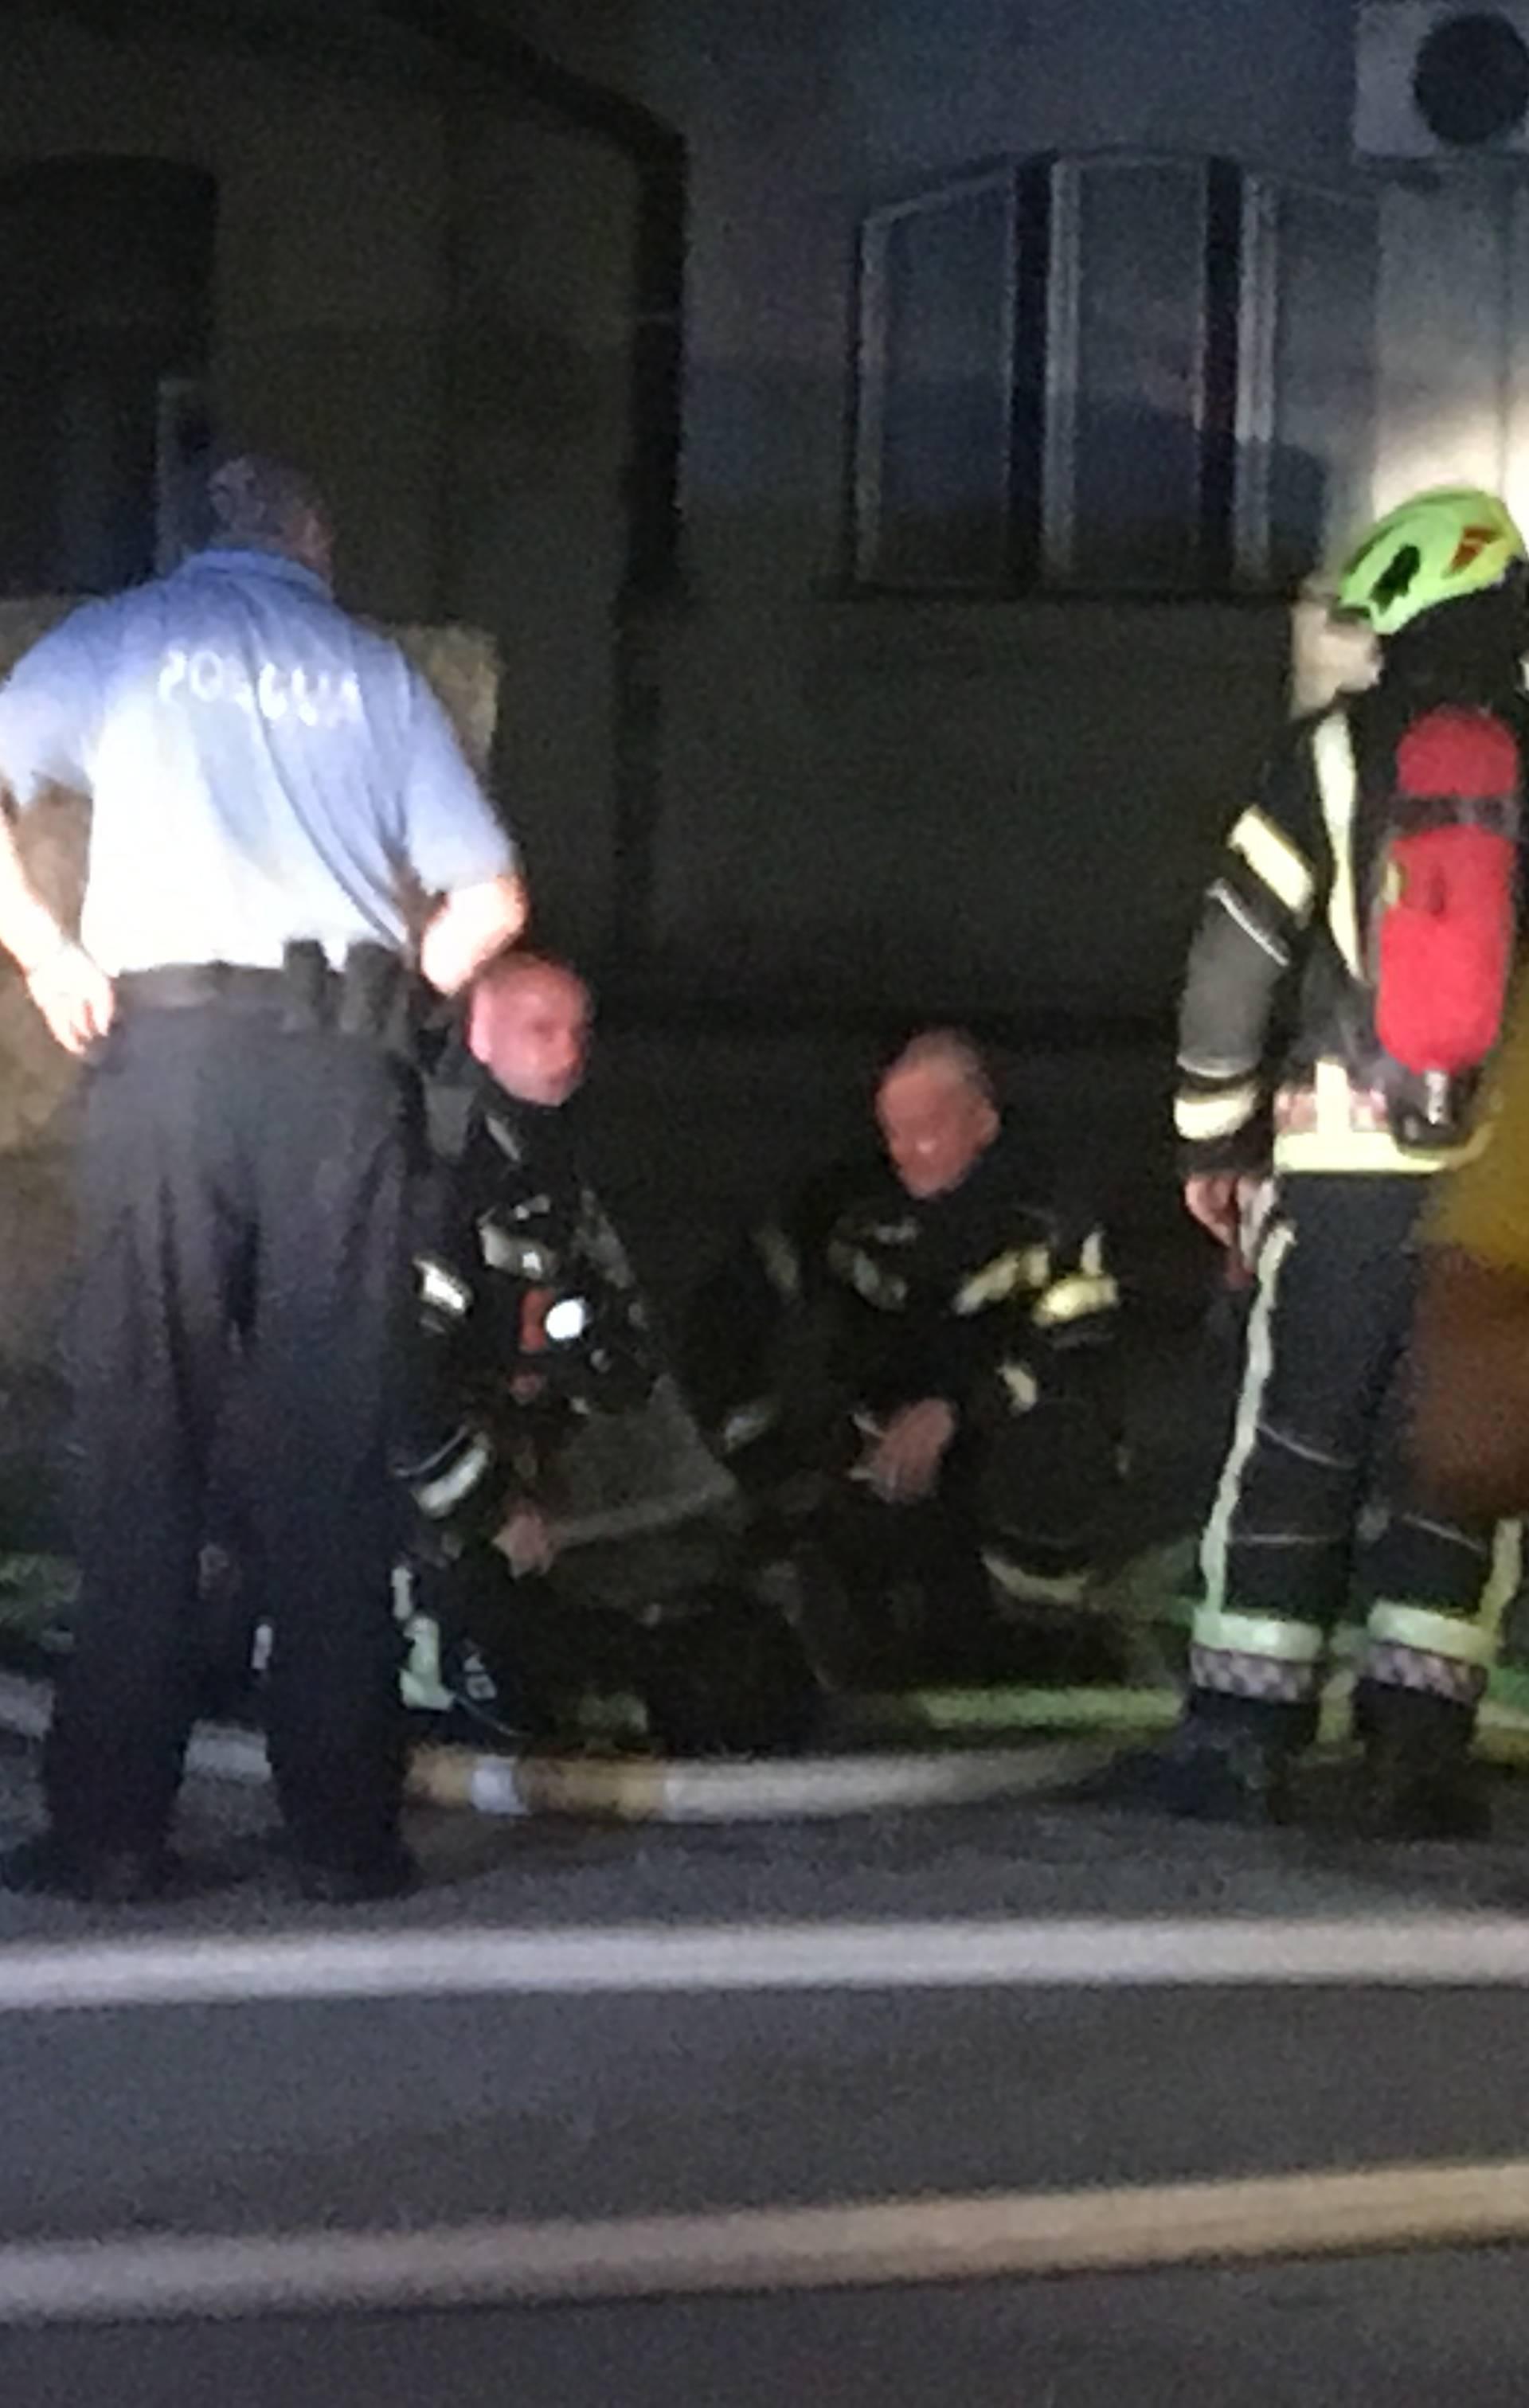 Zapalio sjedala vagona: Vatra se brzo širila, jako je smrdjelo